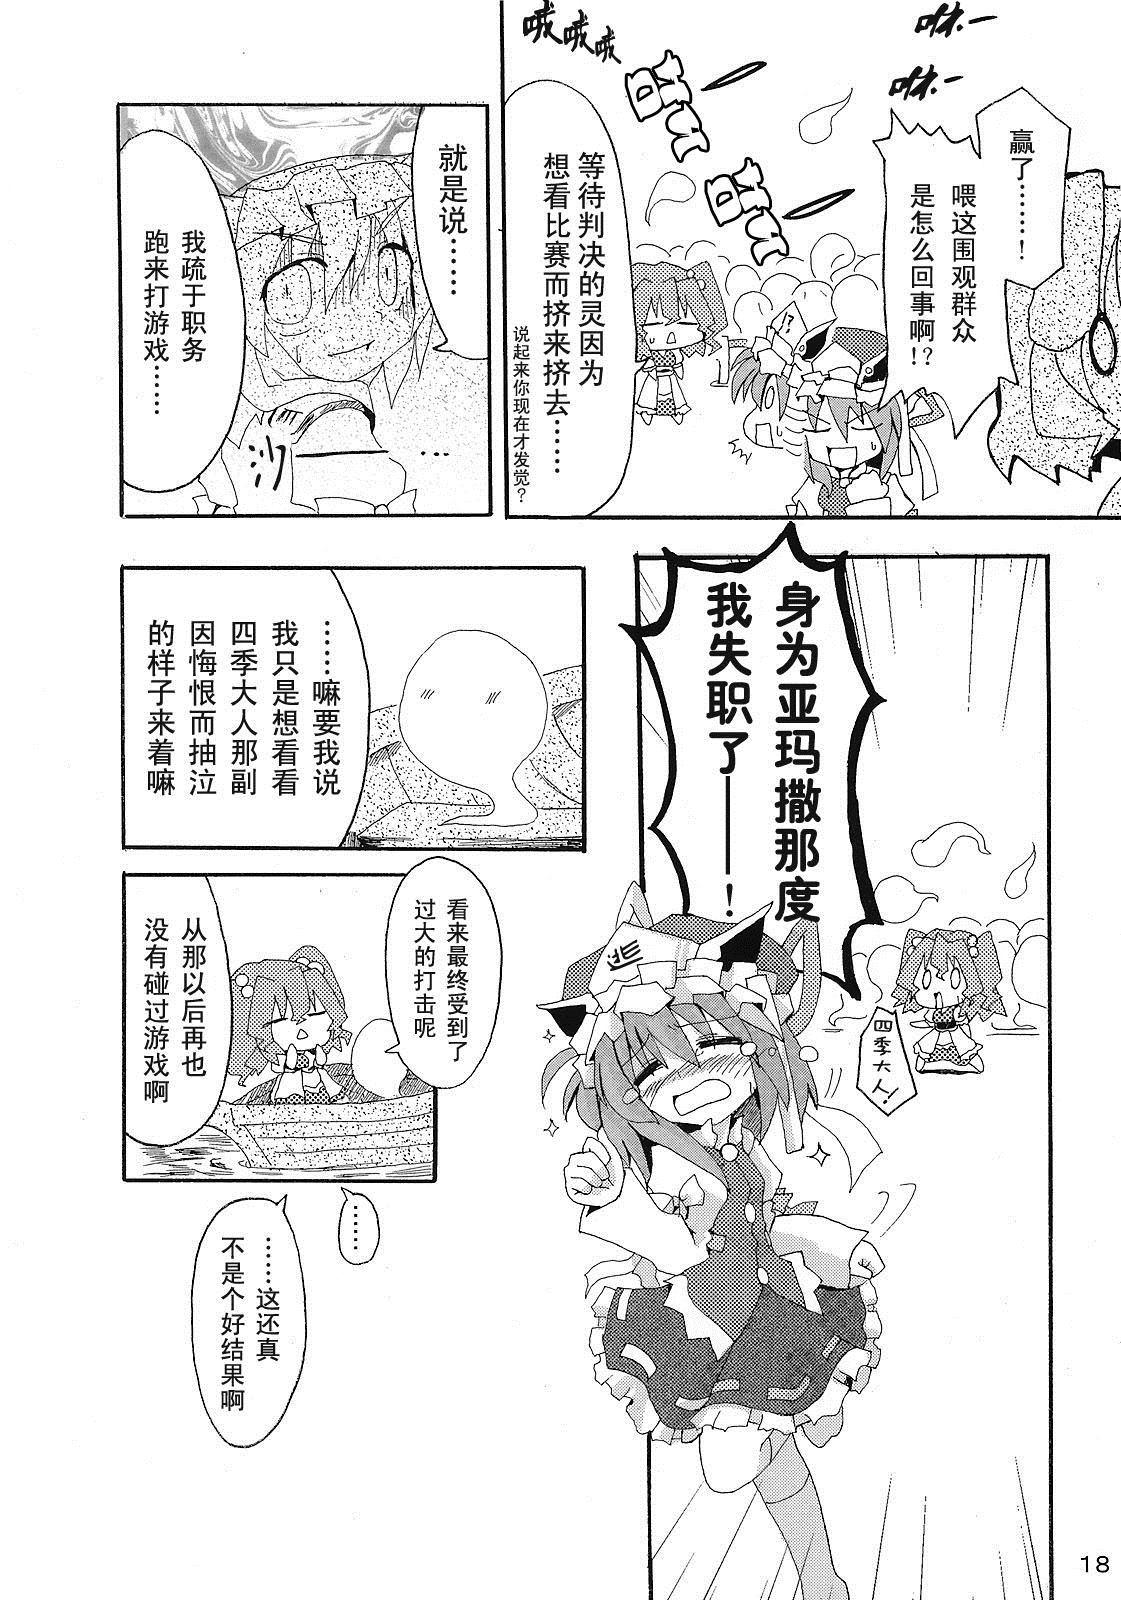 与映姬大人一起玩Wii! - 第1话 - 2